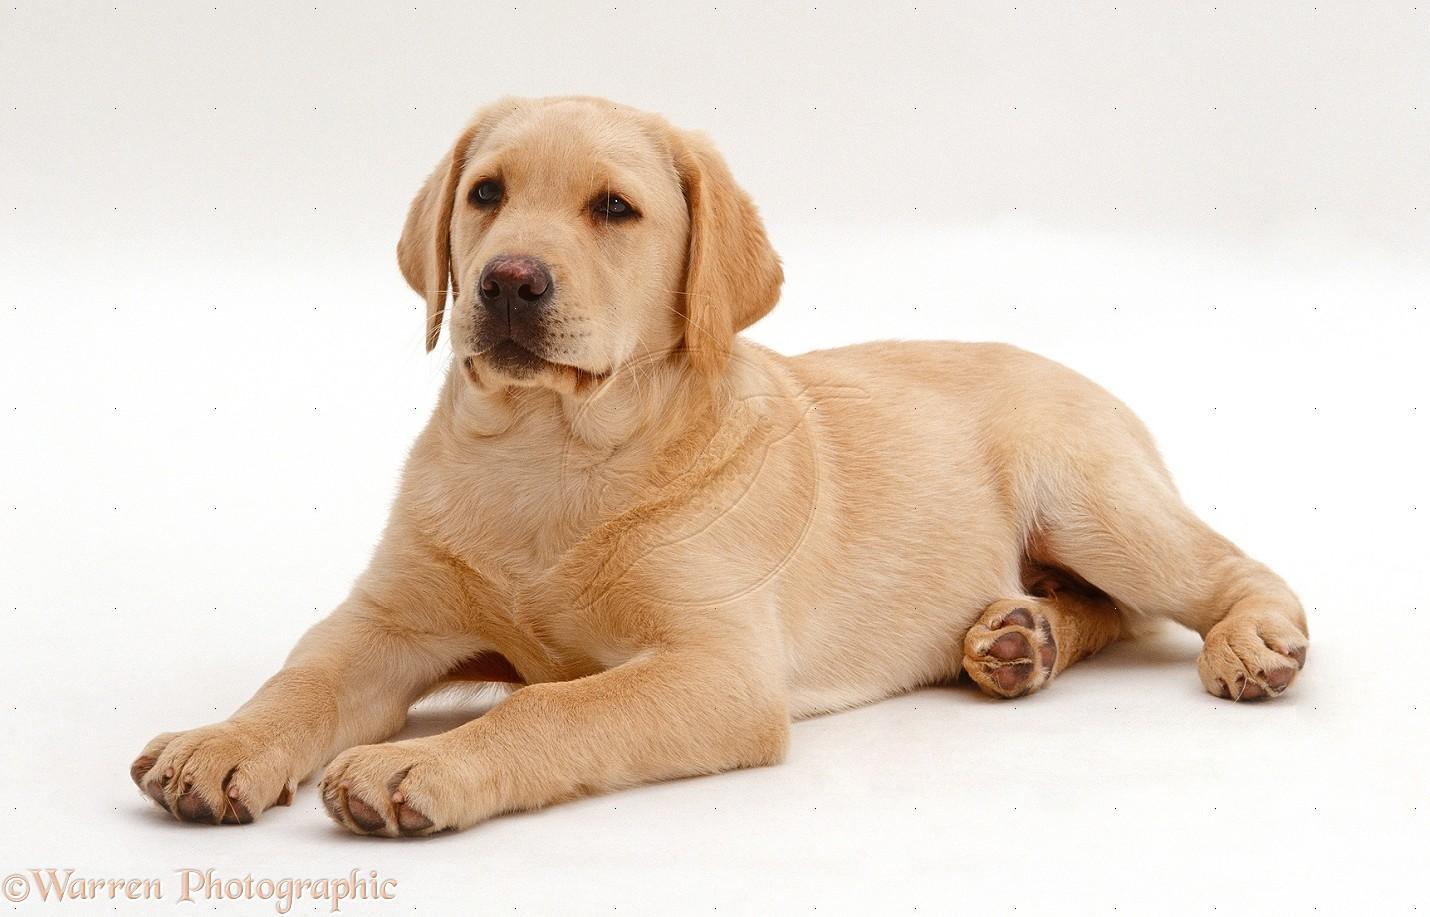 yellow labrador retriever puppy 169   Yellow Labrador Retriever Puppy 1430x917